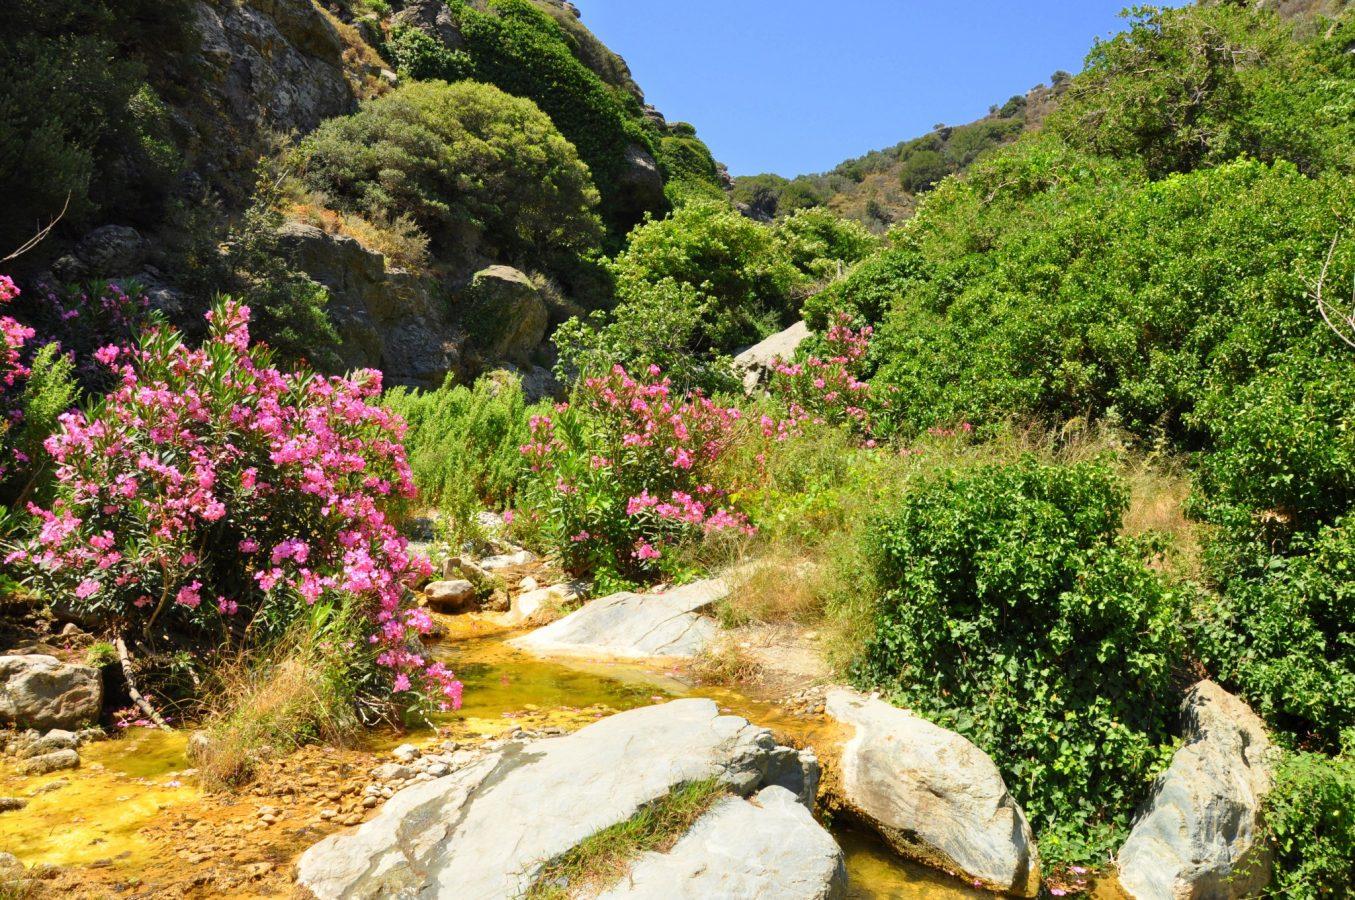 Richtis trail